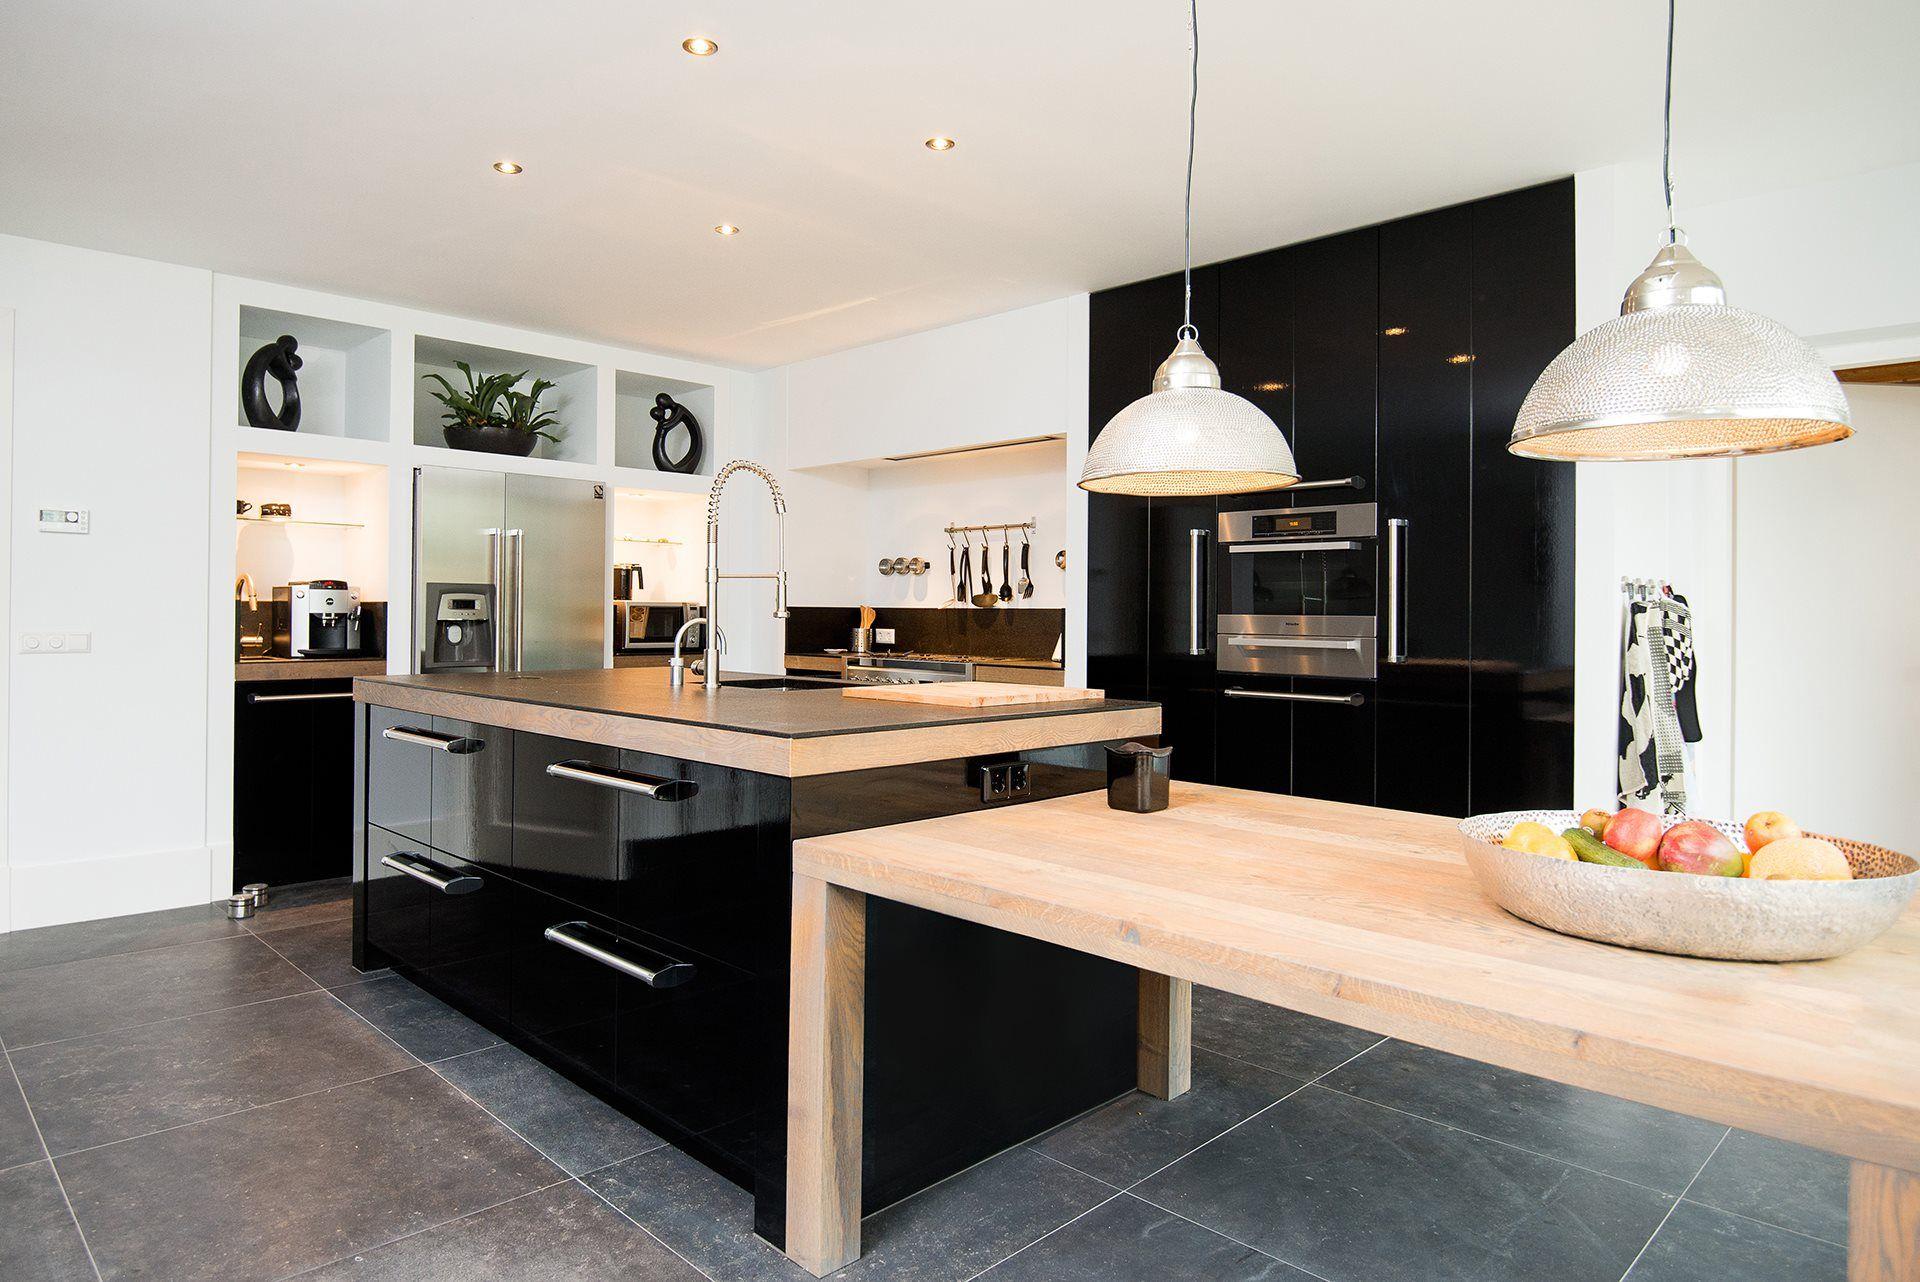 Van Galen Keukens : Landelijk moderne keukens van galen keuken bad keukens op